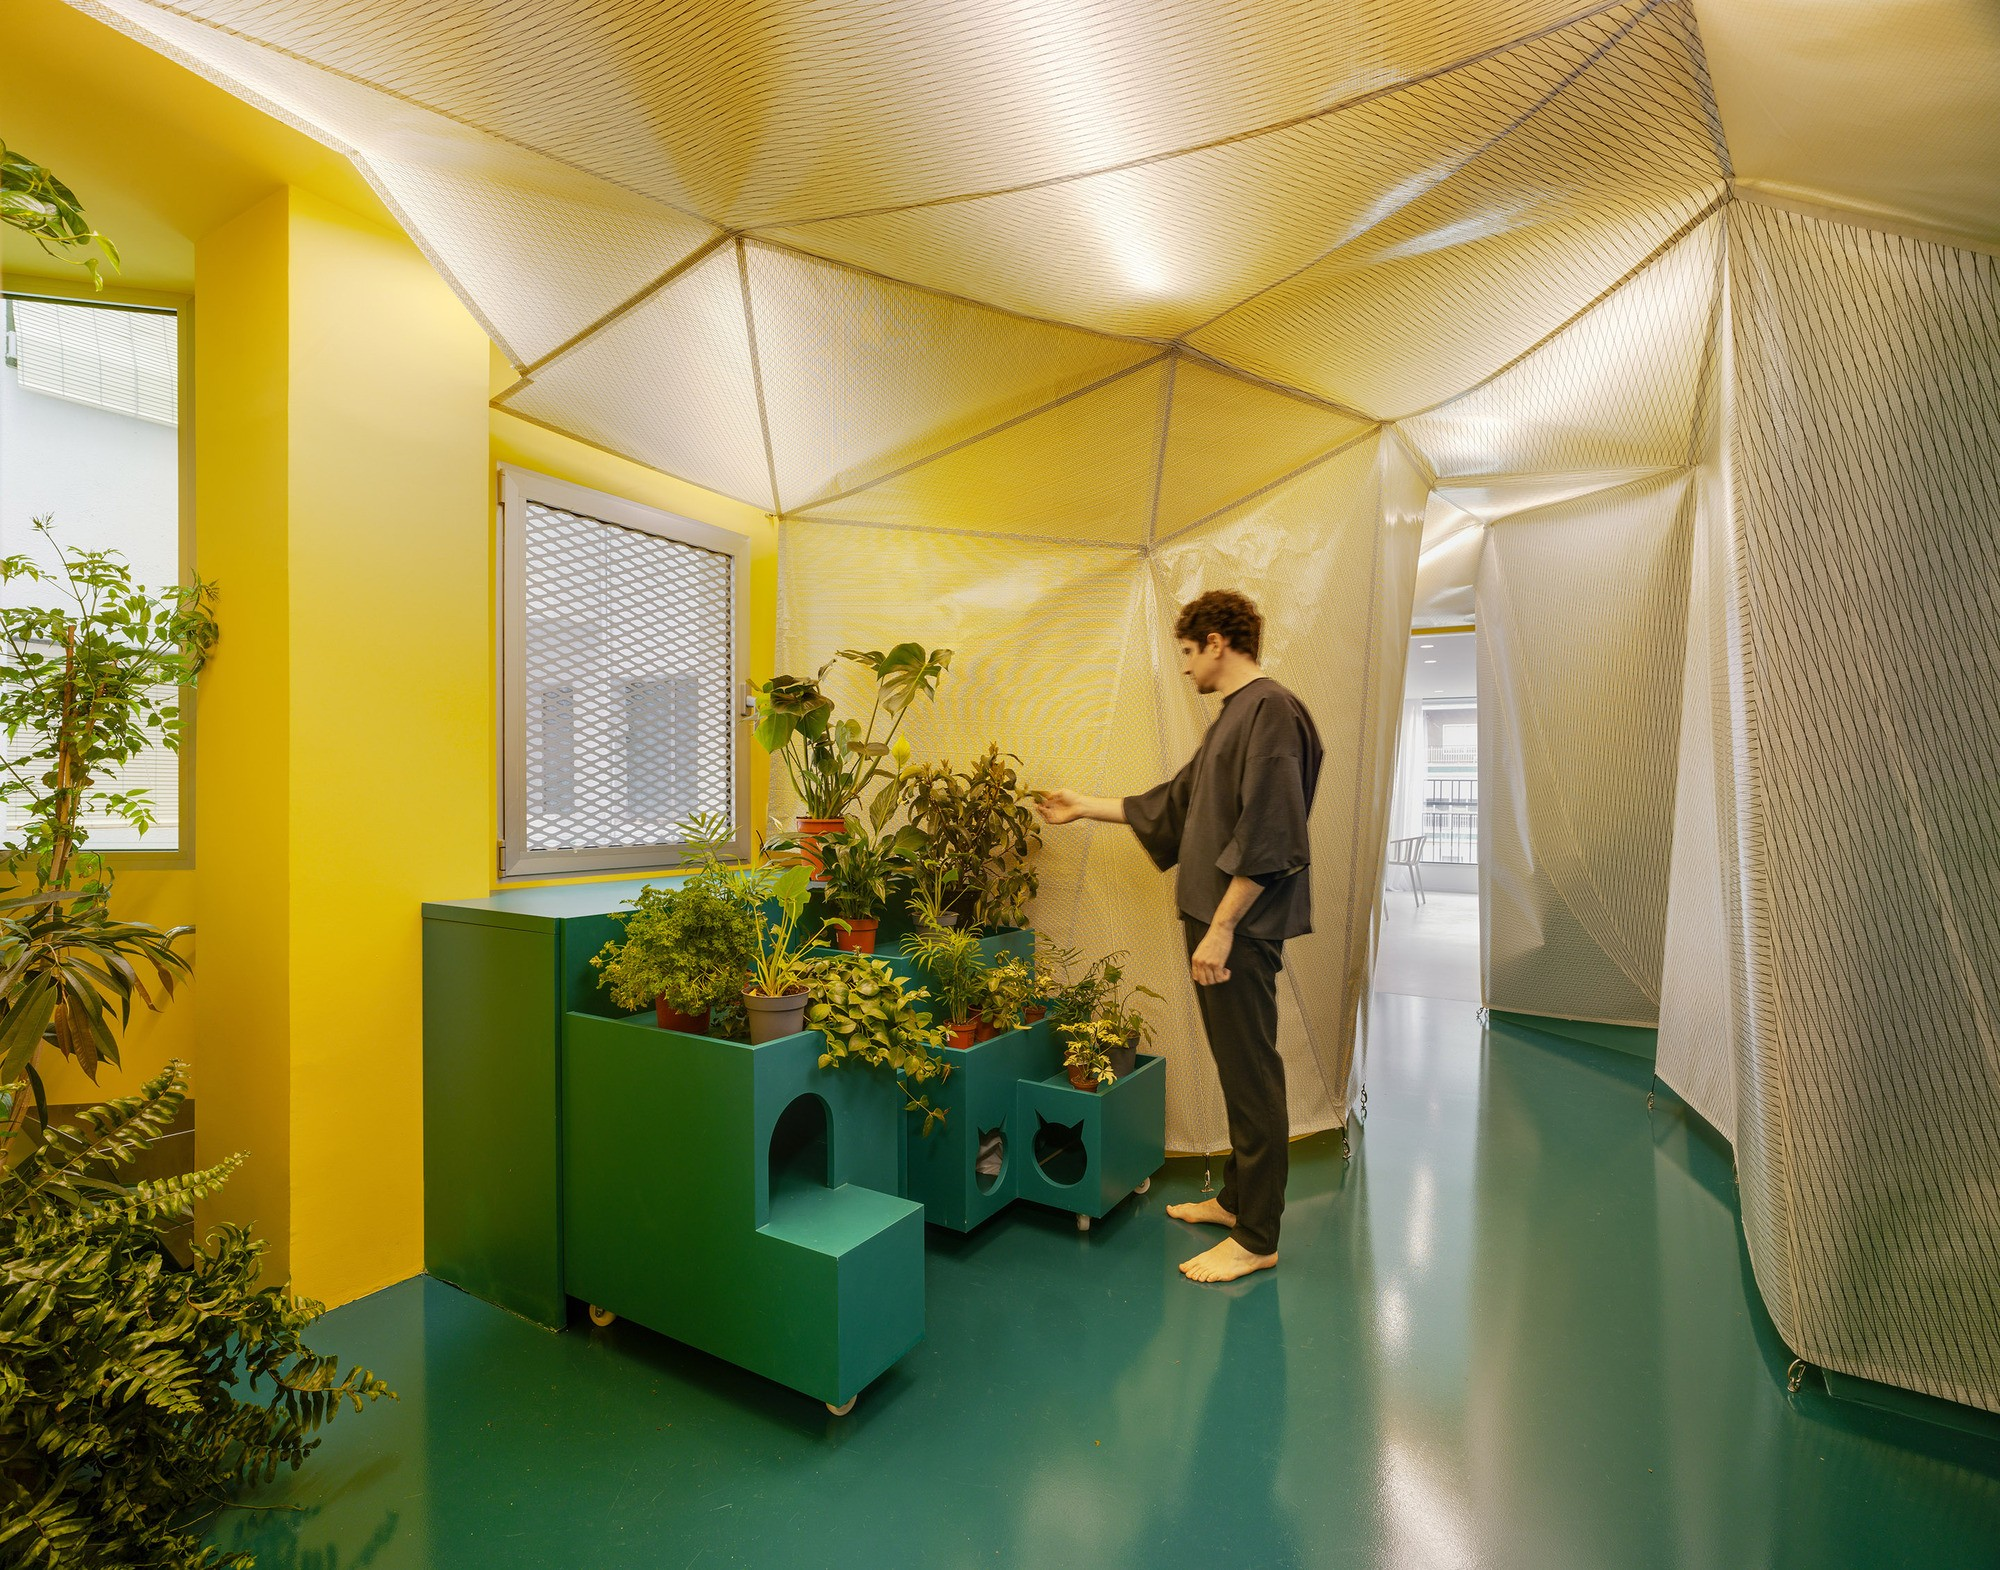 Современная квартира с открытыми трансформируемыми пространствами